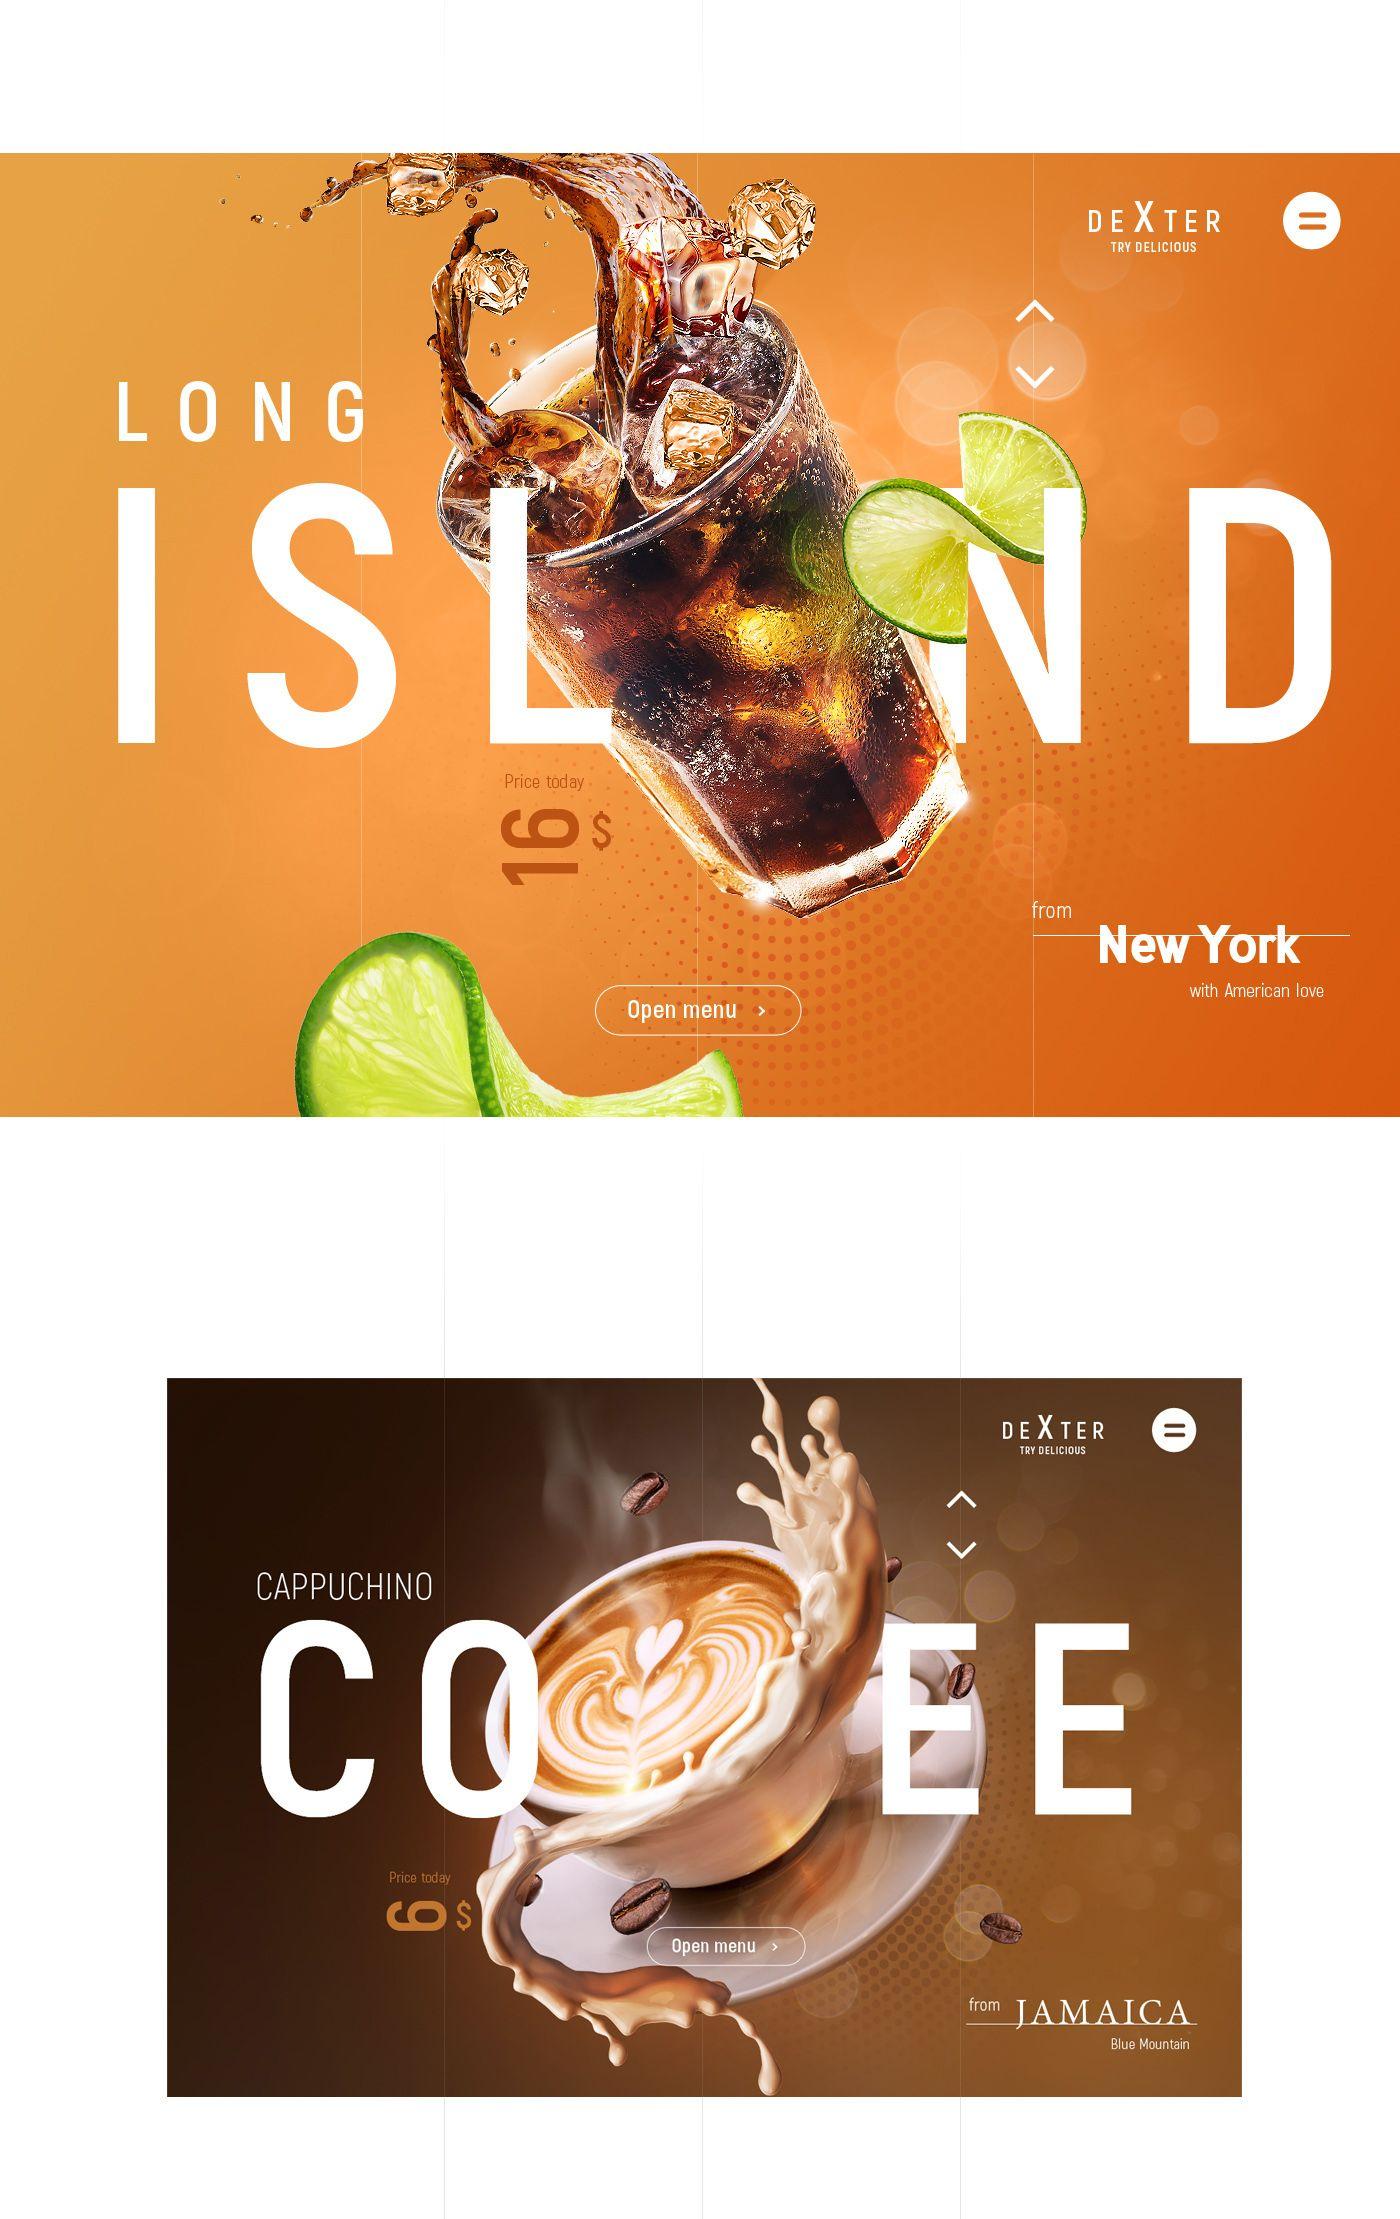 Dexter Cafe On Behance Food Graphic Design Food Poster Design Creative Poster Design